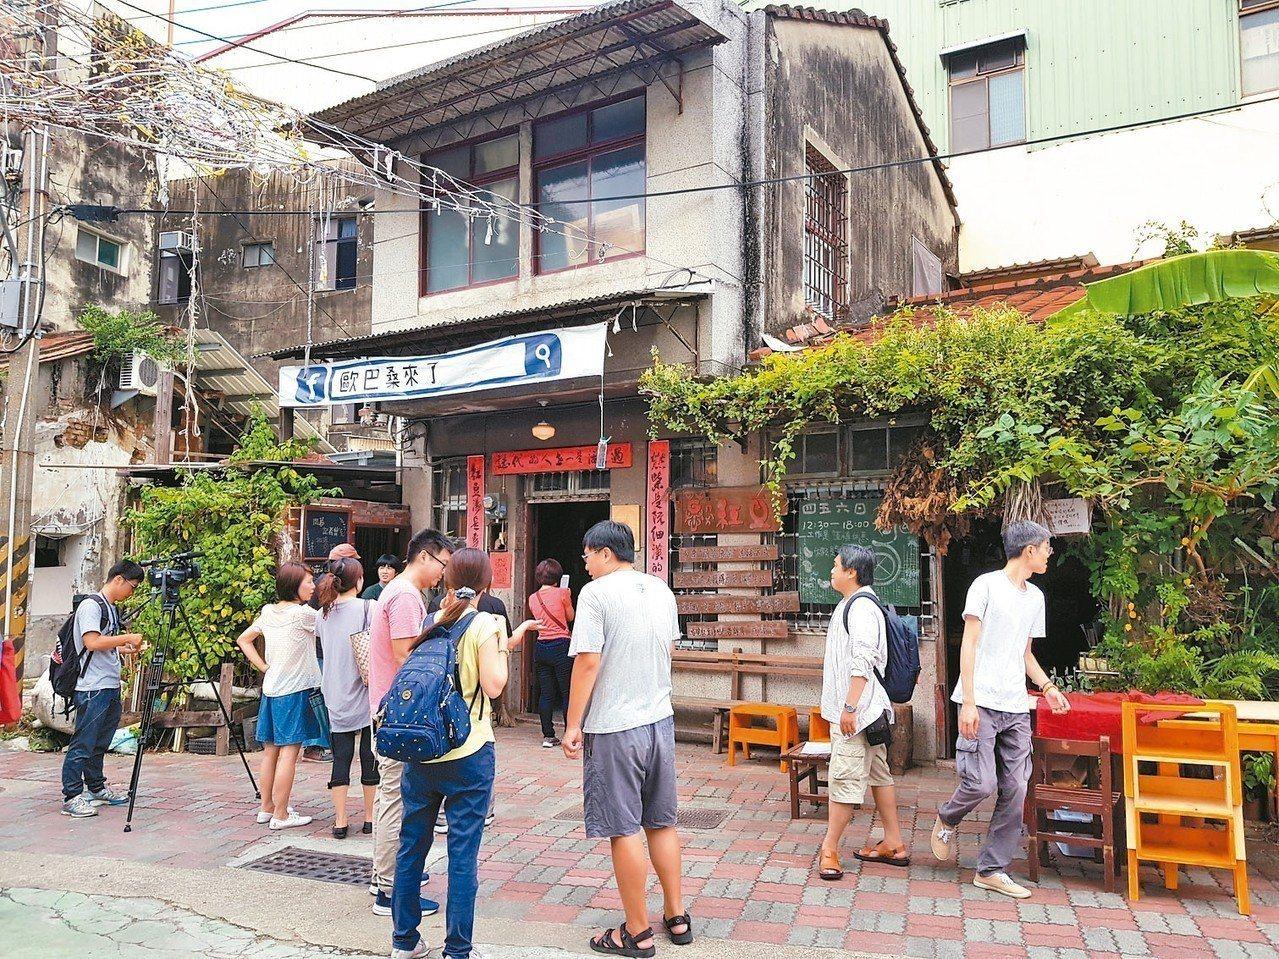 台南社大等公民團體在信義老街裡成立的「看南埕小書房」昨天揭牌。 記者修瑞瑩/攝影